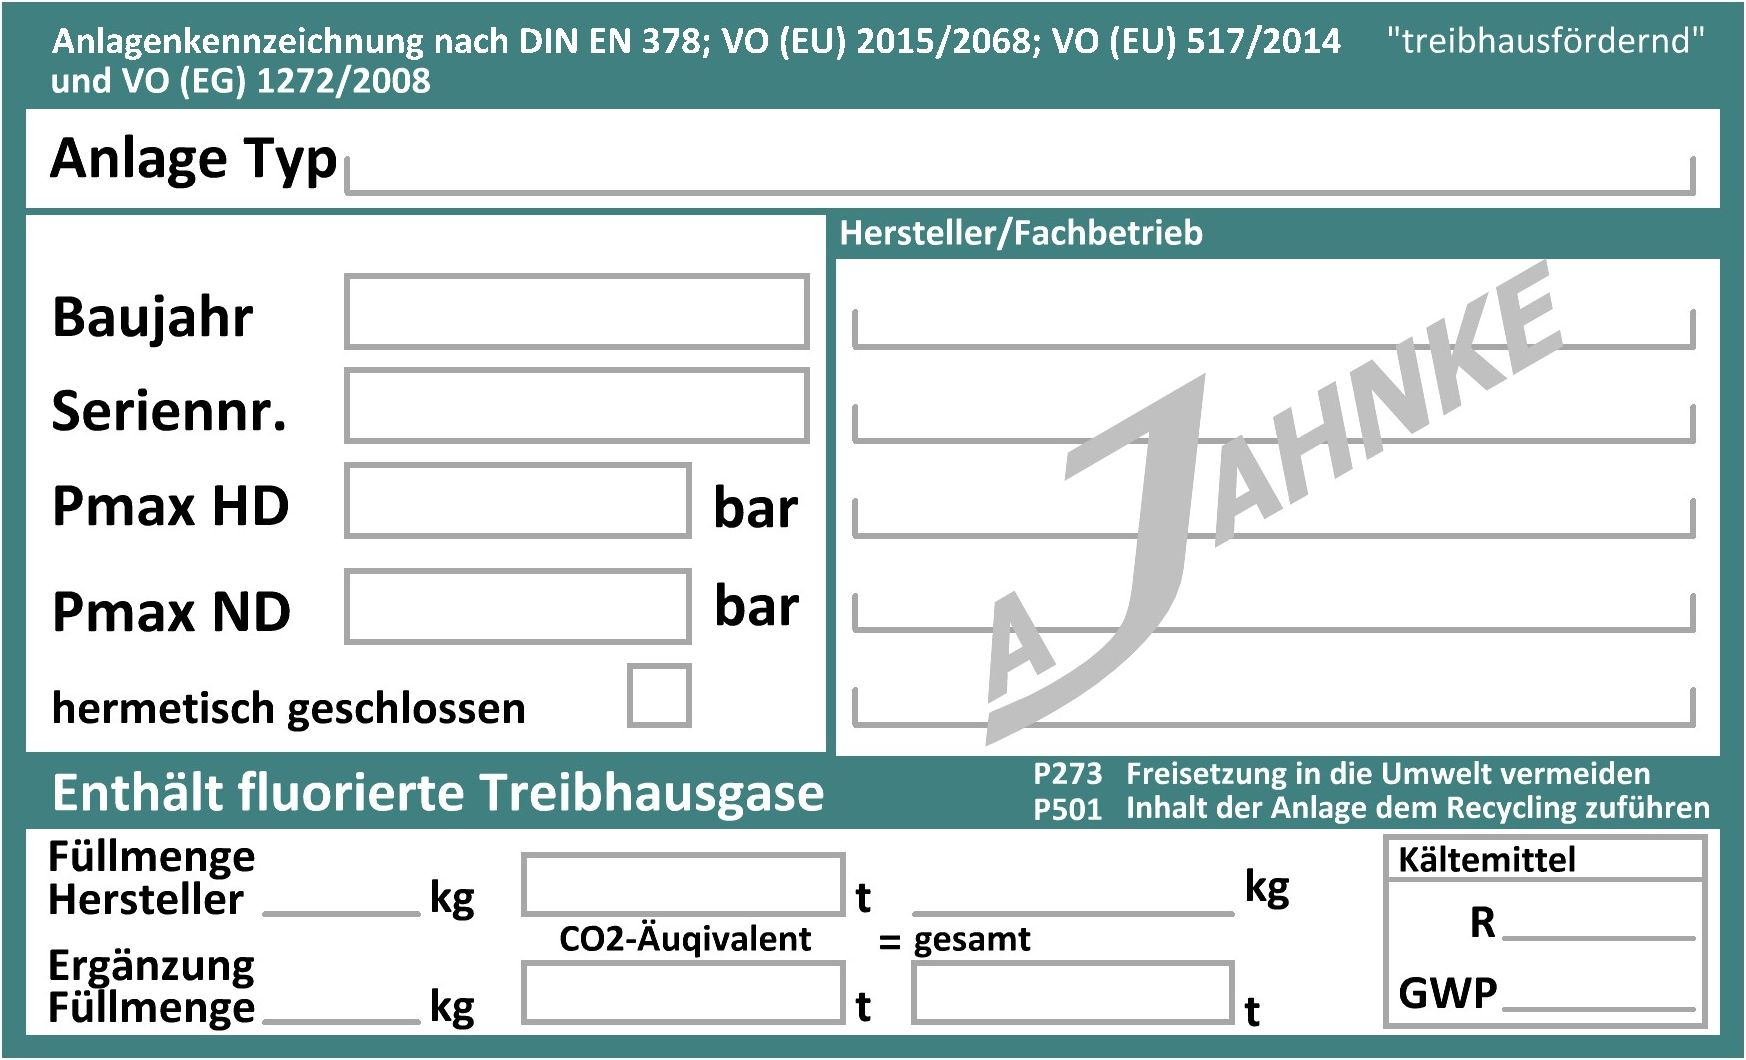 kennzeichnung von klteanlagen nach vo eu 20152068 und en 378 - Bereinstimmungserklrung Muster